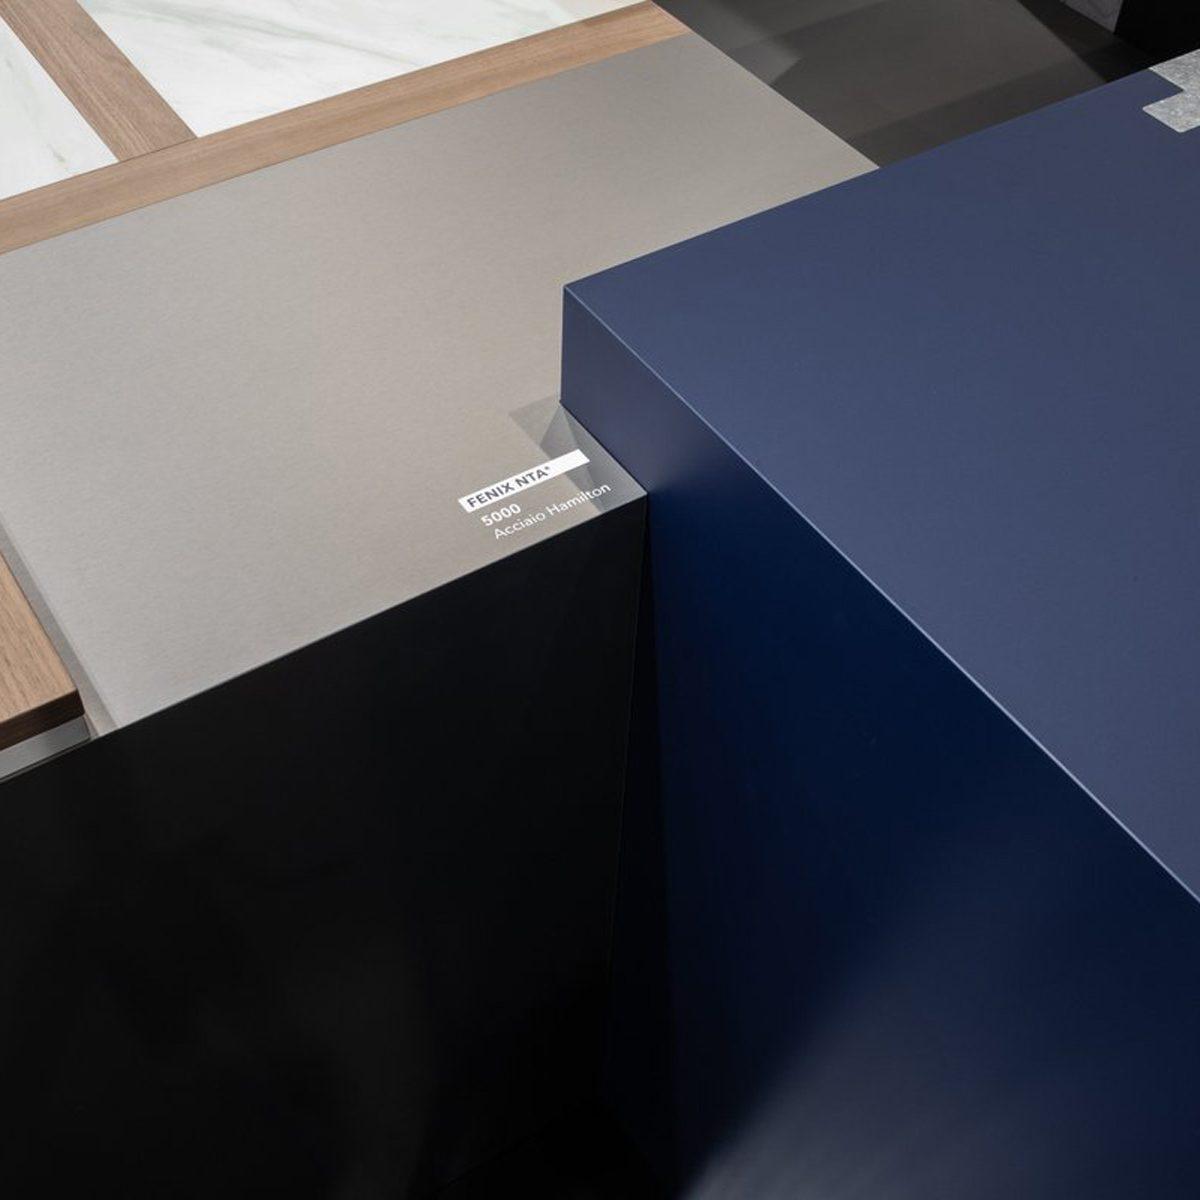 Fenix material samples